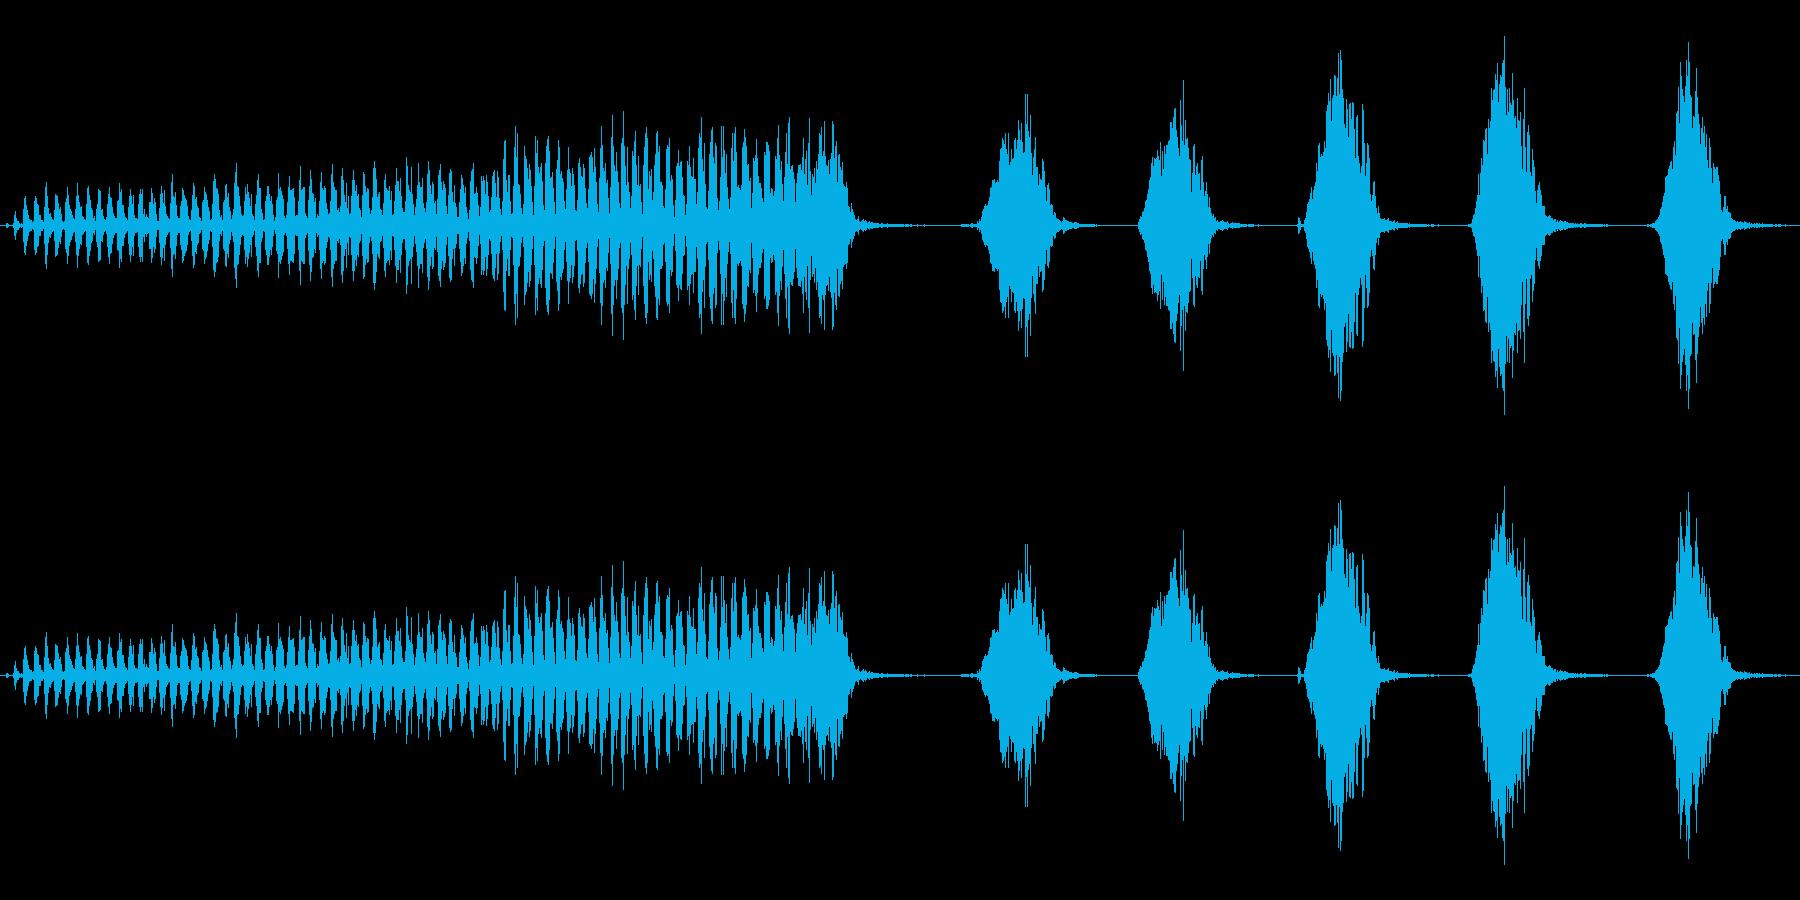 オナガの鳴き声(ブルーの体色のカラス)の再生済みの波形